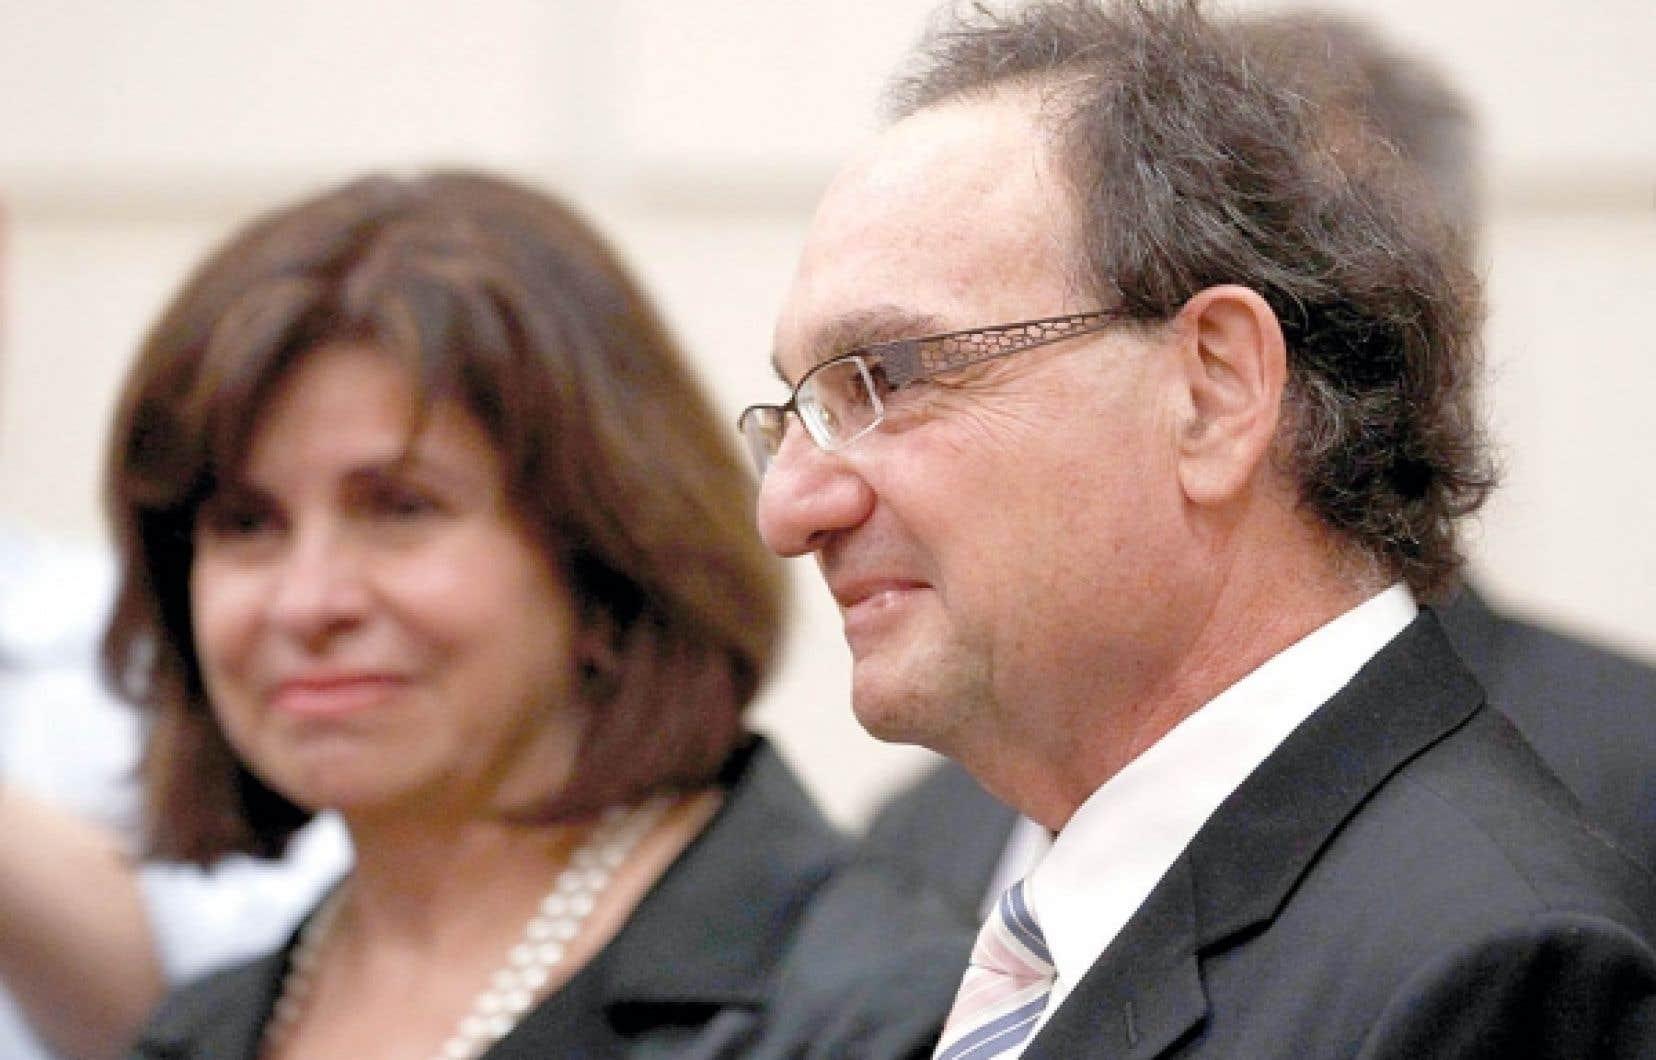 La nomination à la Cour suprême du juge Michael Moldaver soulève l'enjeu de l'inconstitutionnalité de la composition actuelle du plus haut tribunal du pays, qui compte désormais dans ses rangs deux juges unilingues anglophones sur un total de neuf juges.